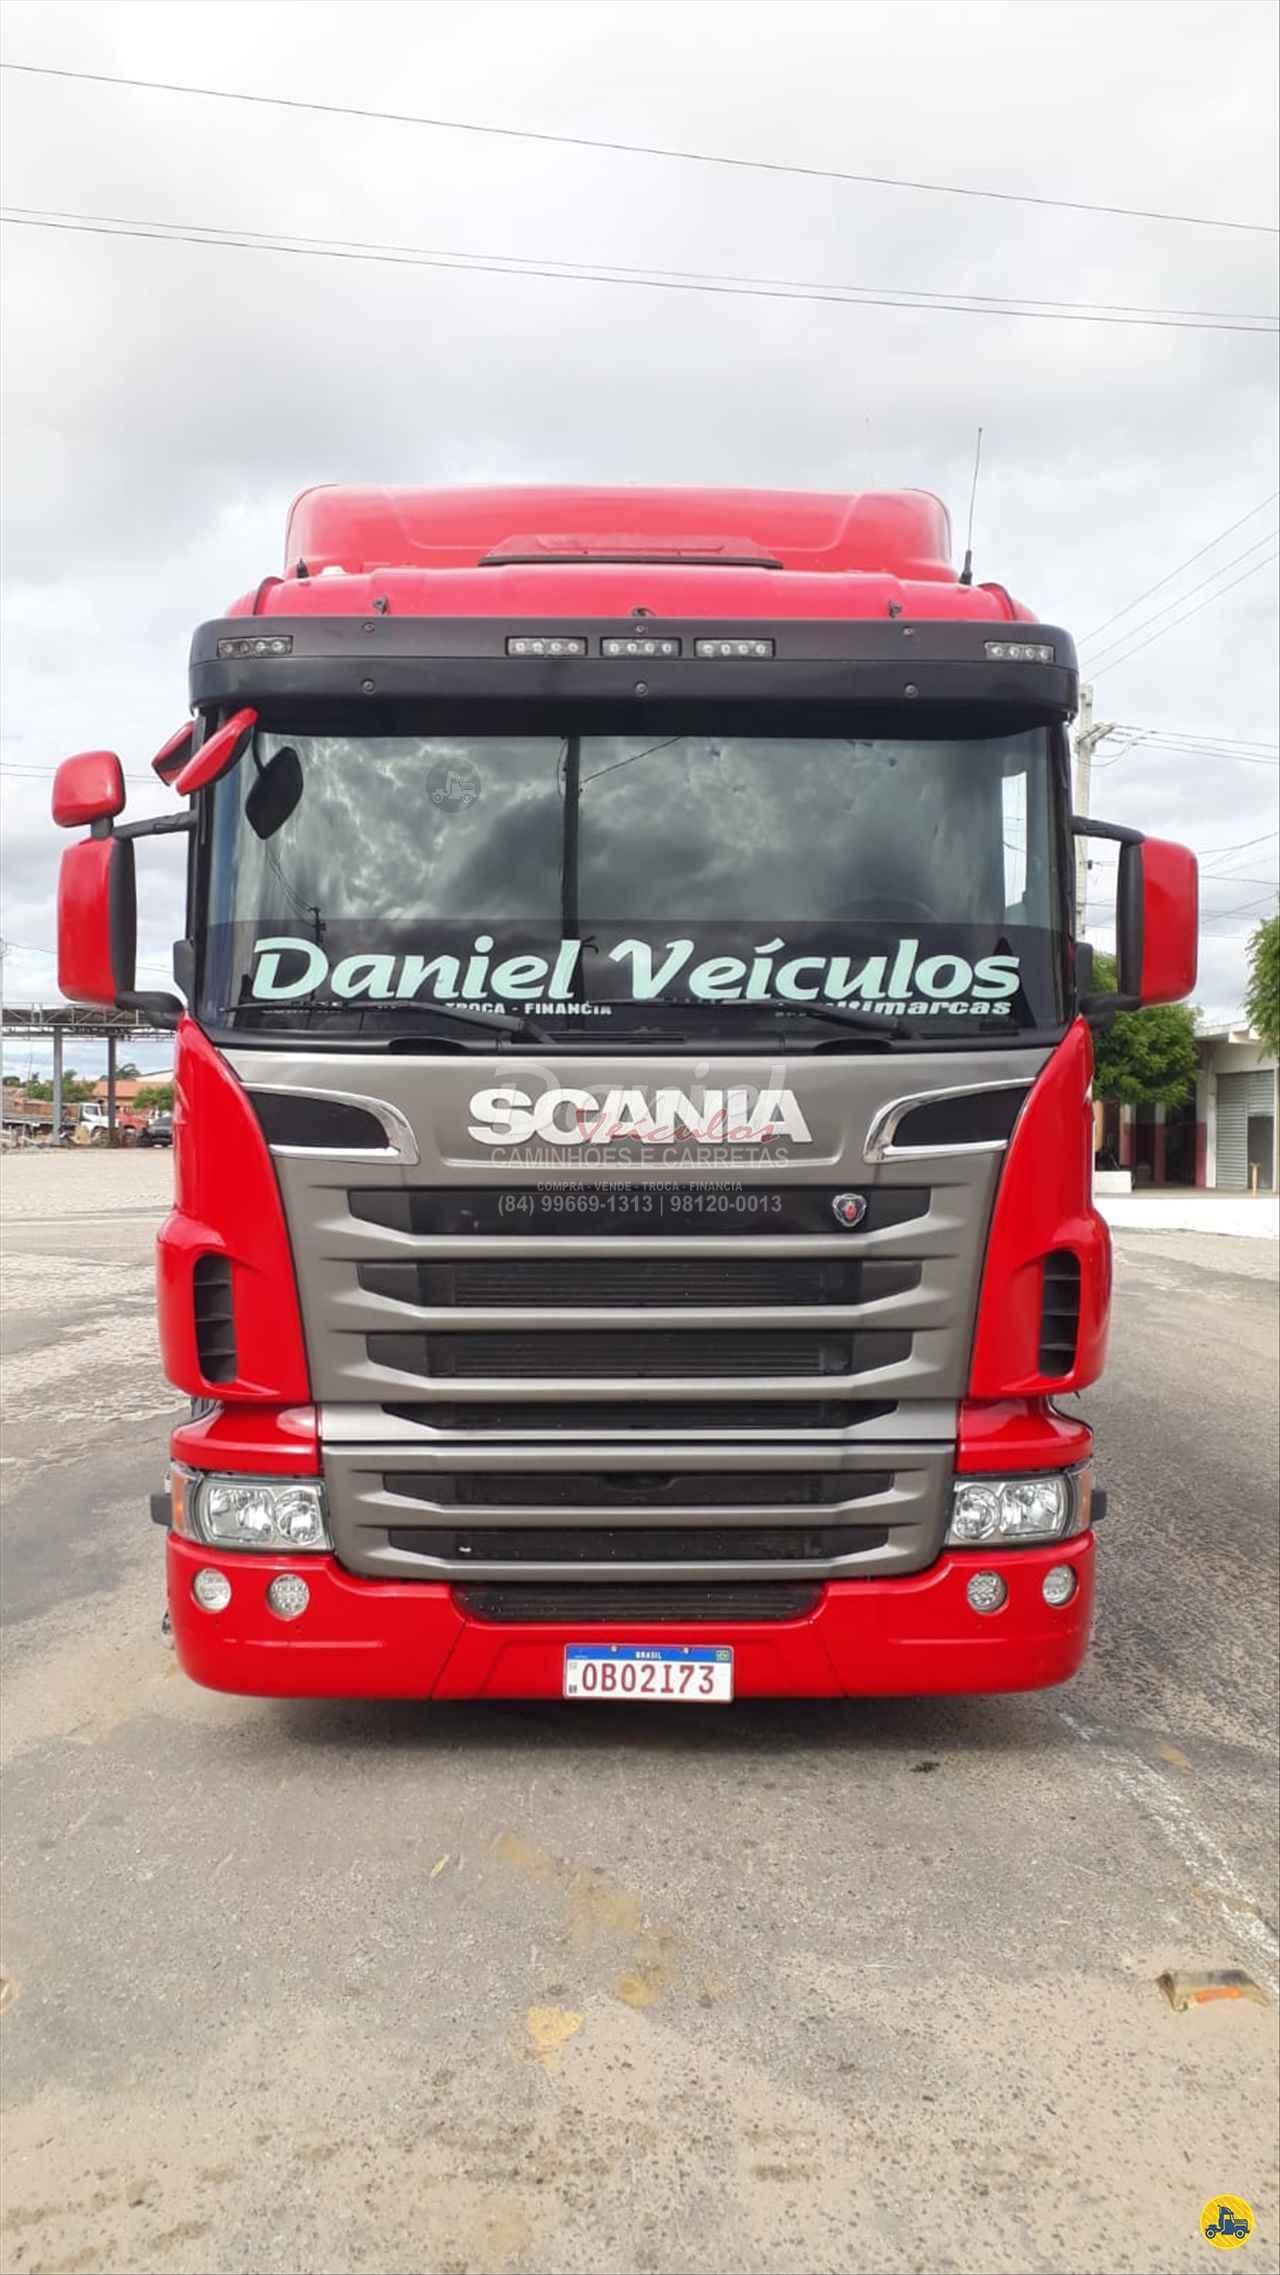 CAMINHAO SCANIA SCANIA 440 Chassis Traçado 6x4 Daniel Veículos GOVERNADOR DIX-SEPT ROSADO RIO GRANDE DO NORTE RN